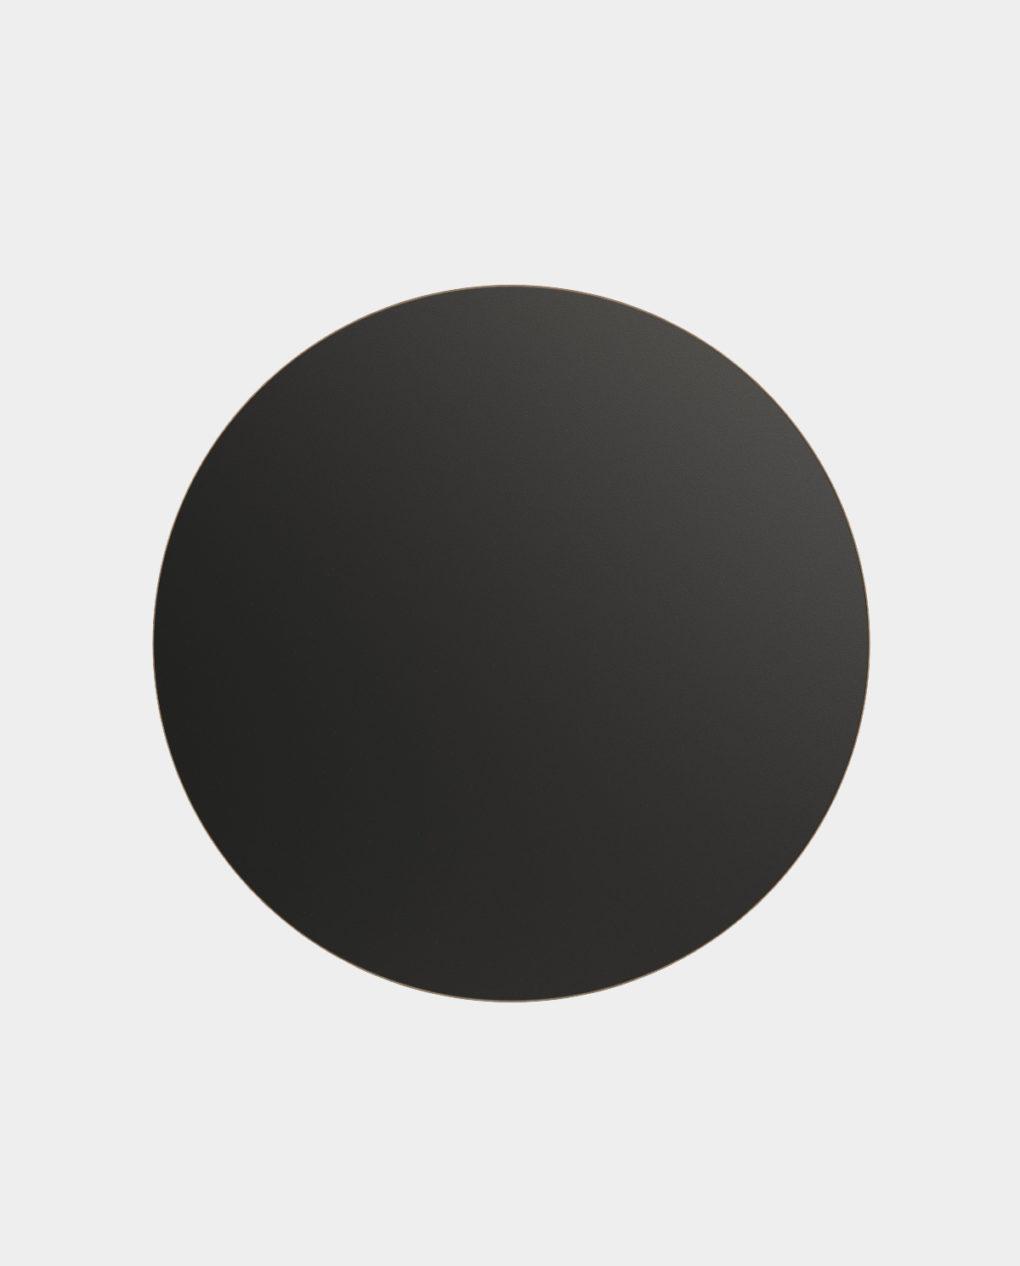 Фанелам стільниці (круглі)